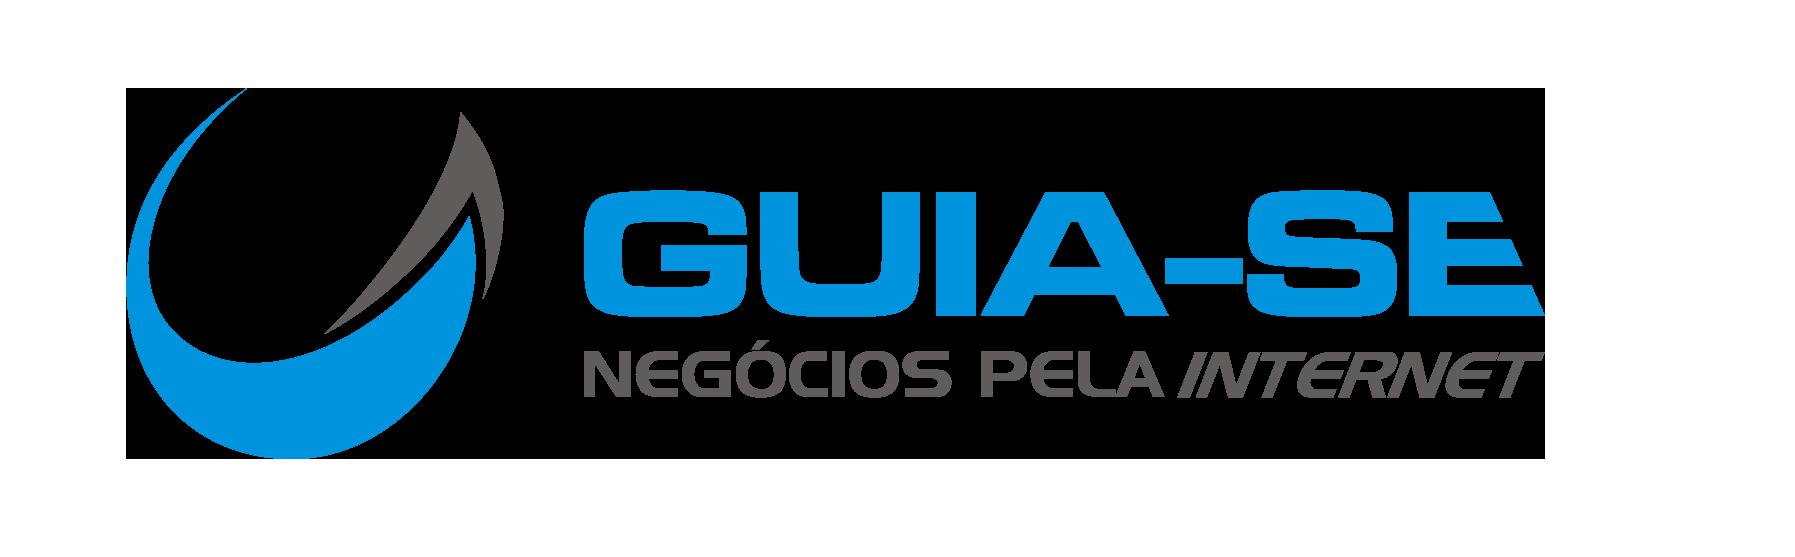 Morumbi Guia-se: Marketing do tamanho do seu negócio!